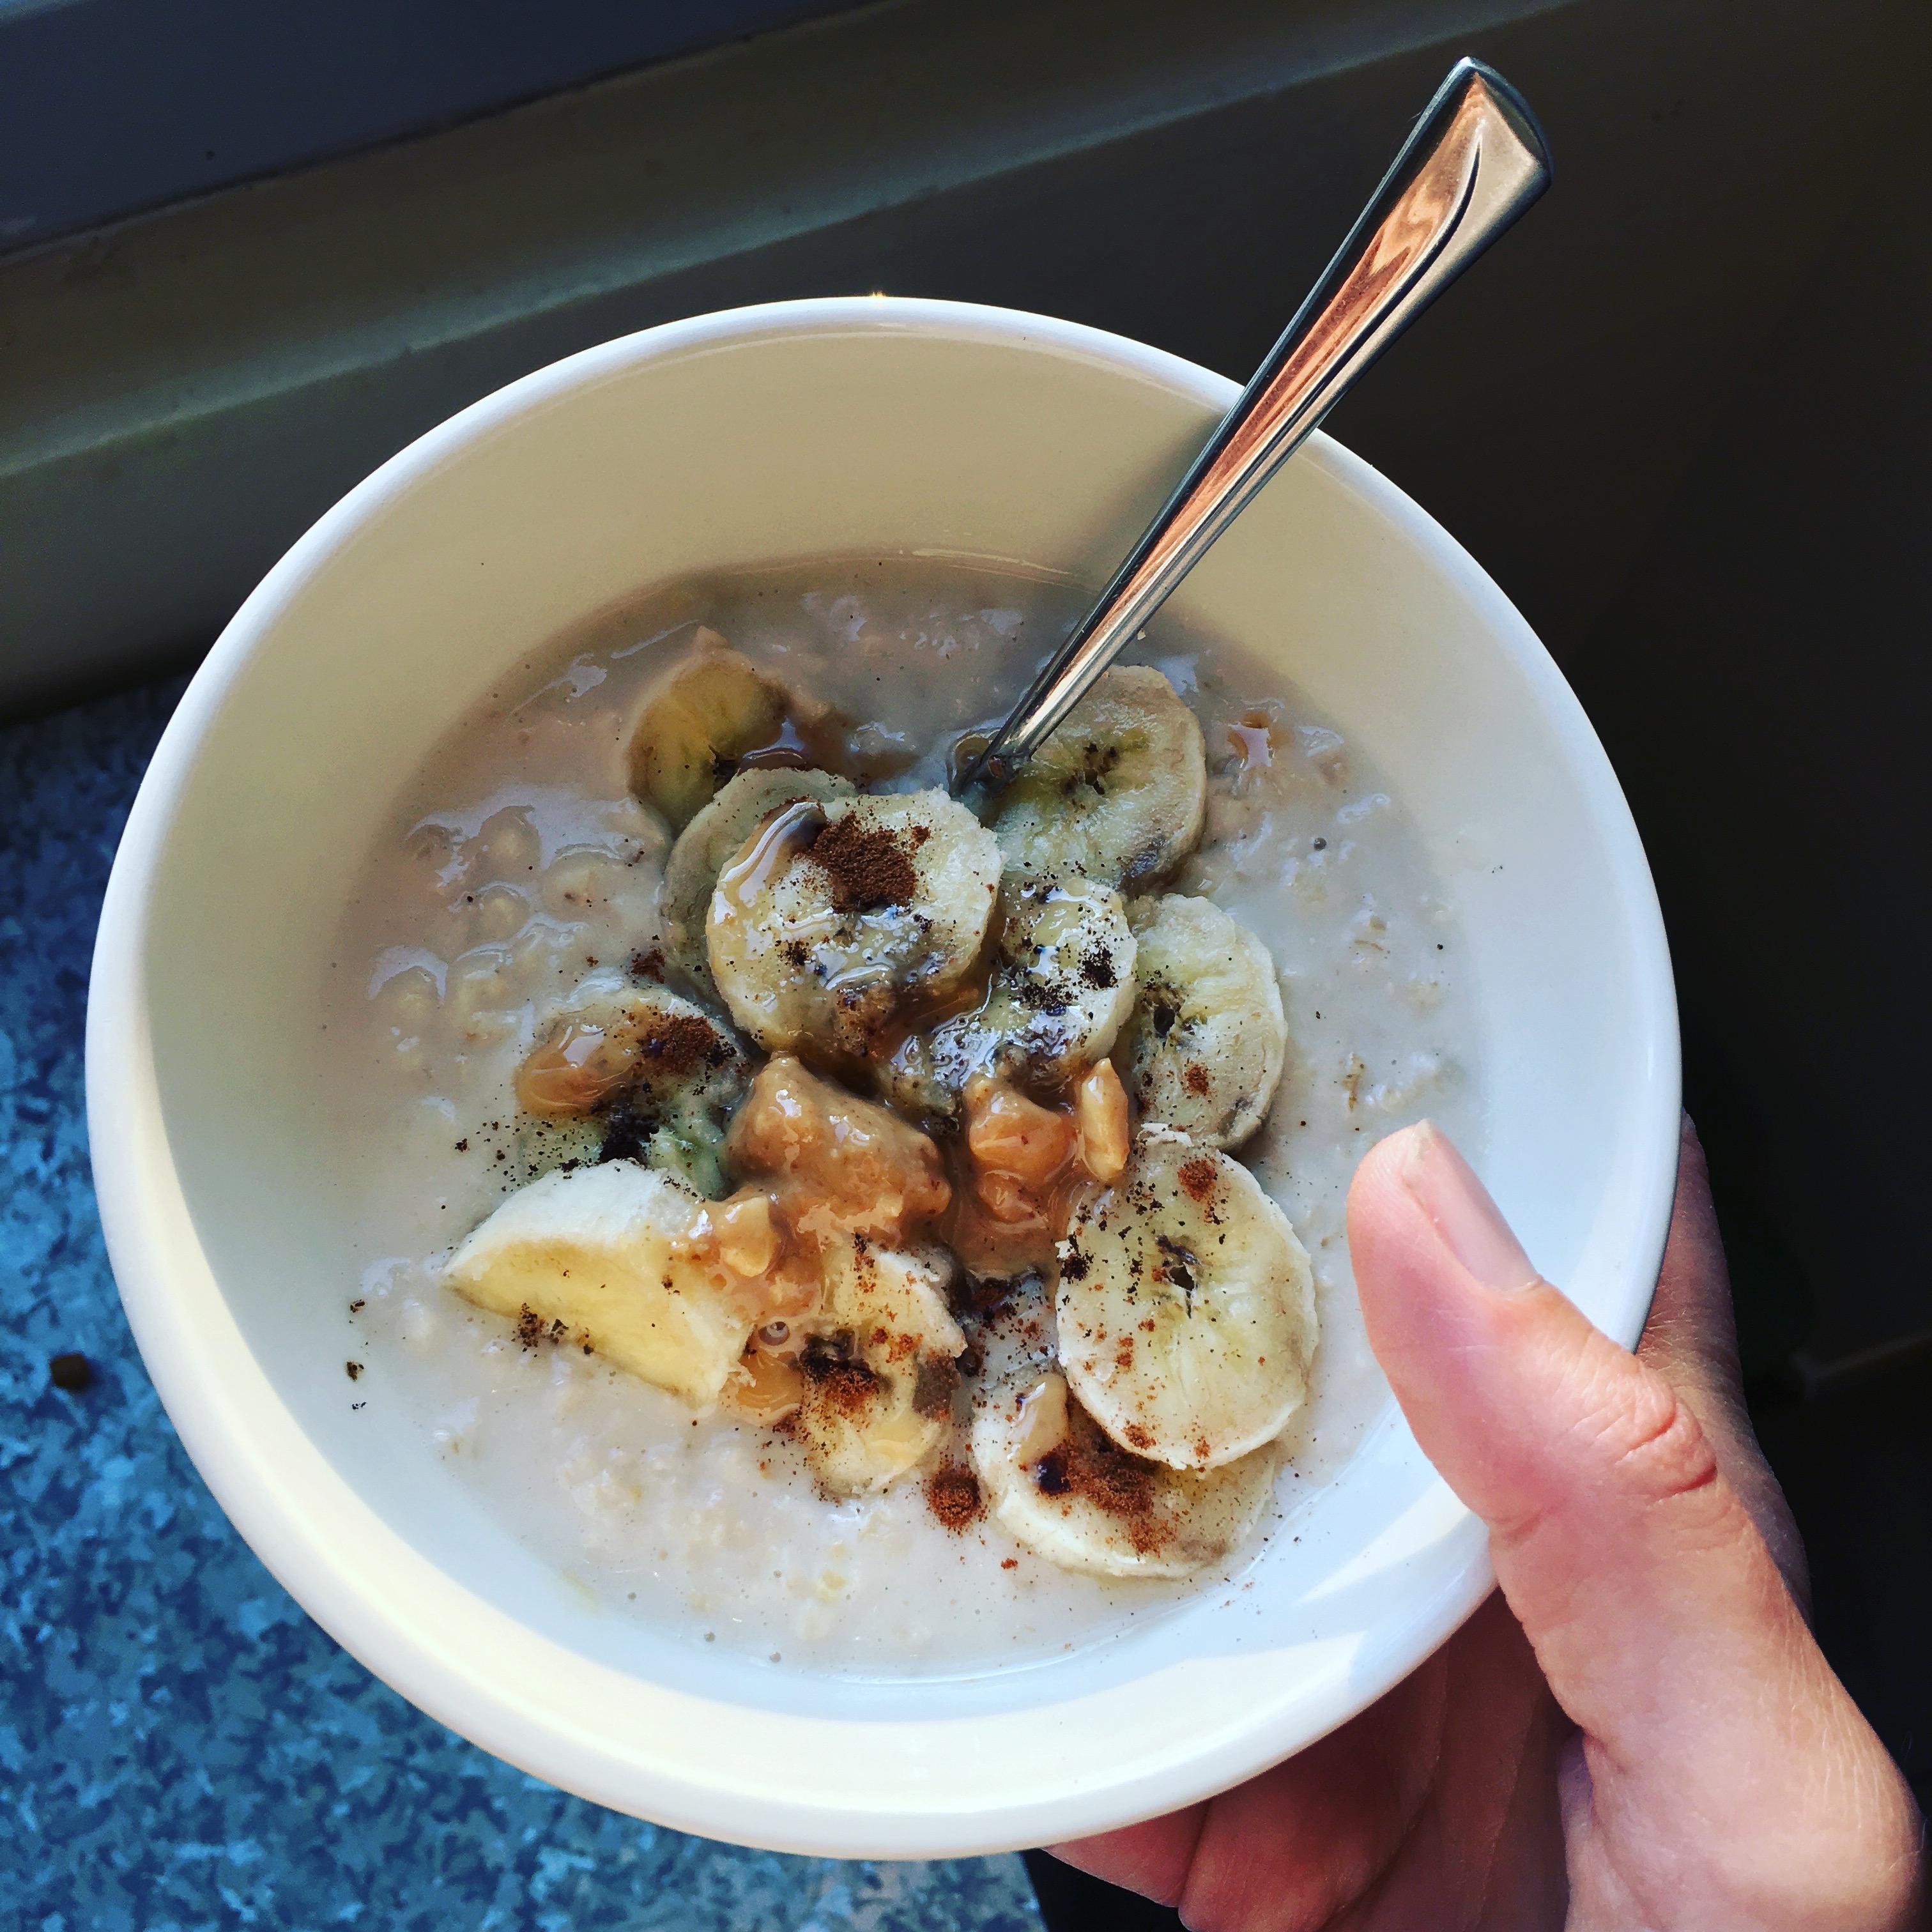 Le green trio le porridge au lait v g tal d 39 amande la boite de chocolats - Recette petit dejeuner sain ...